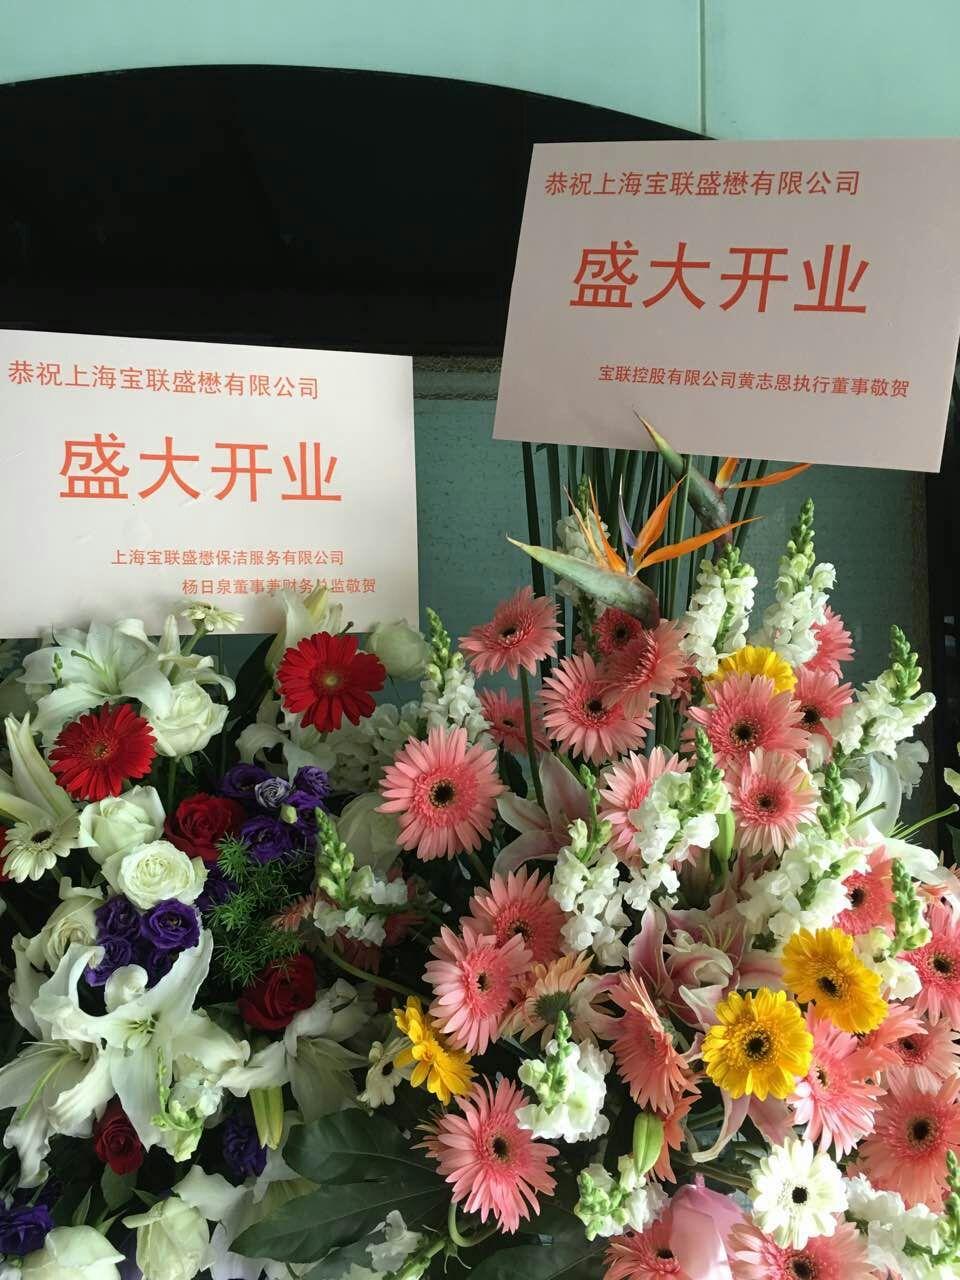 上海宝联盛懋保洁有限公司-正式开张